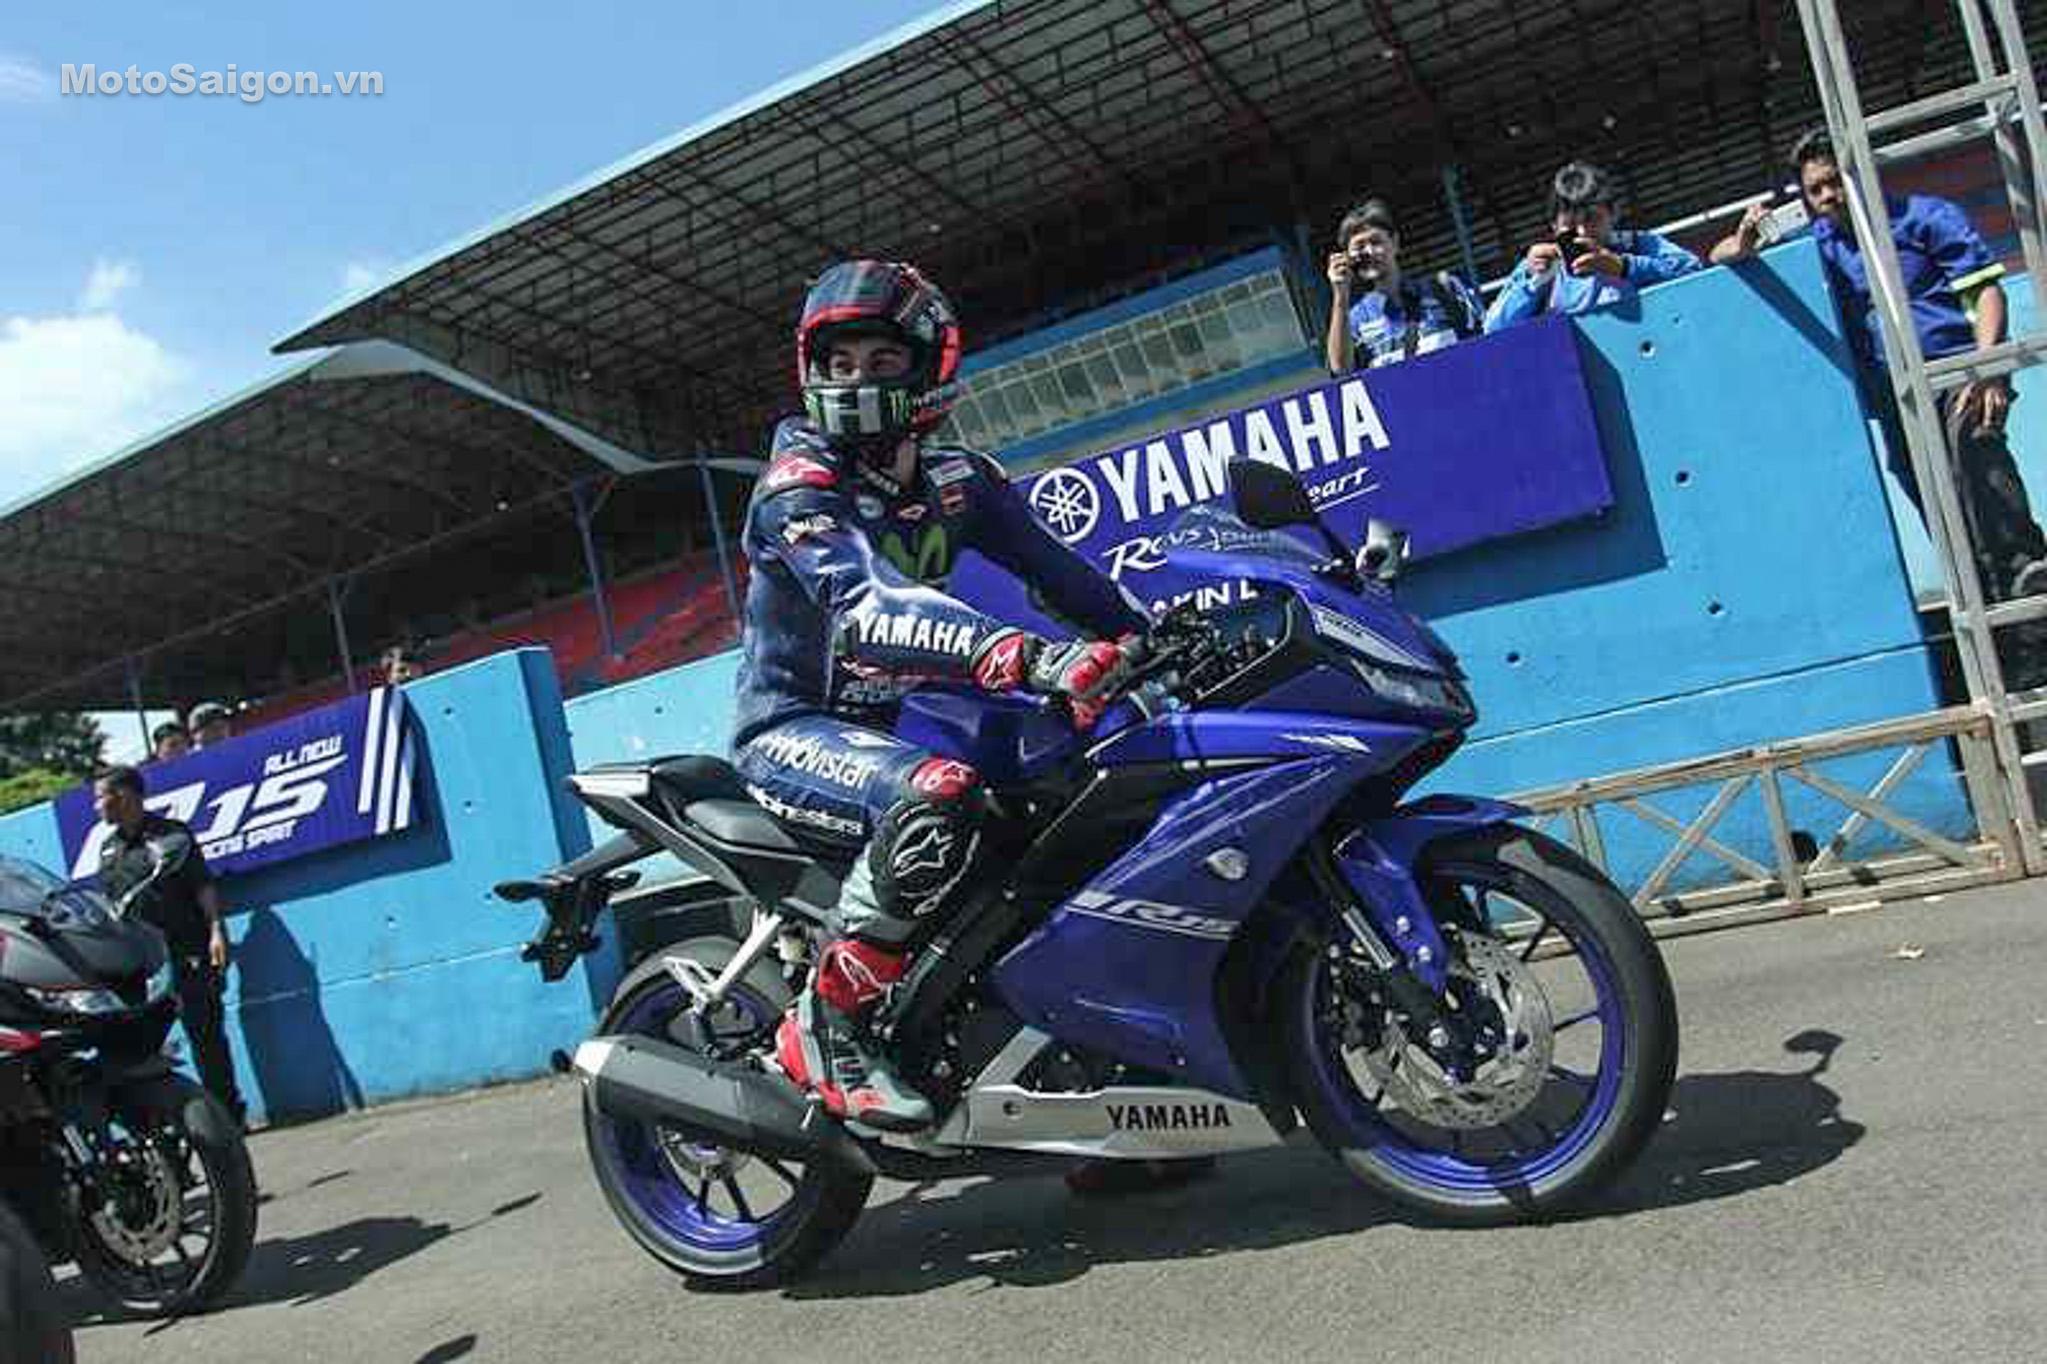 danh-gia-xe-yamaha-r15-v3-2017-hinh-anh-motosaigon-21